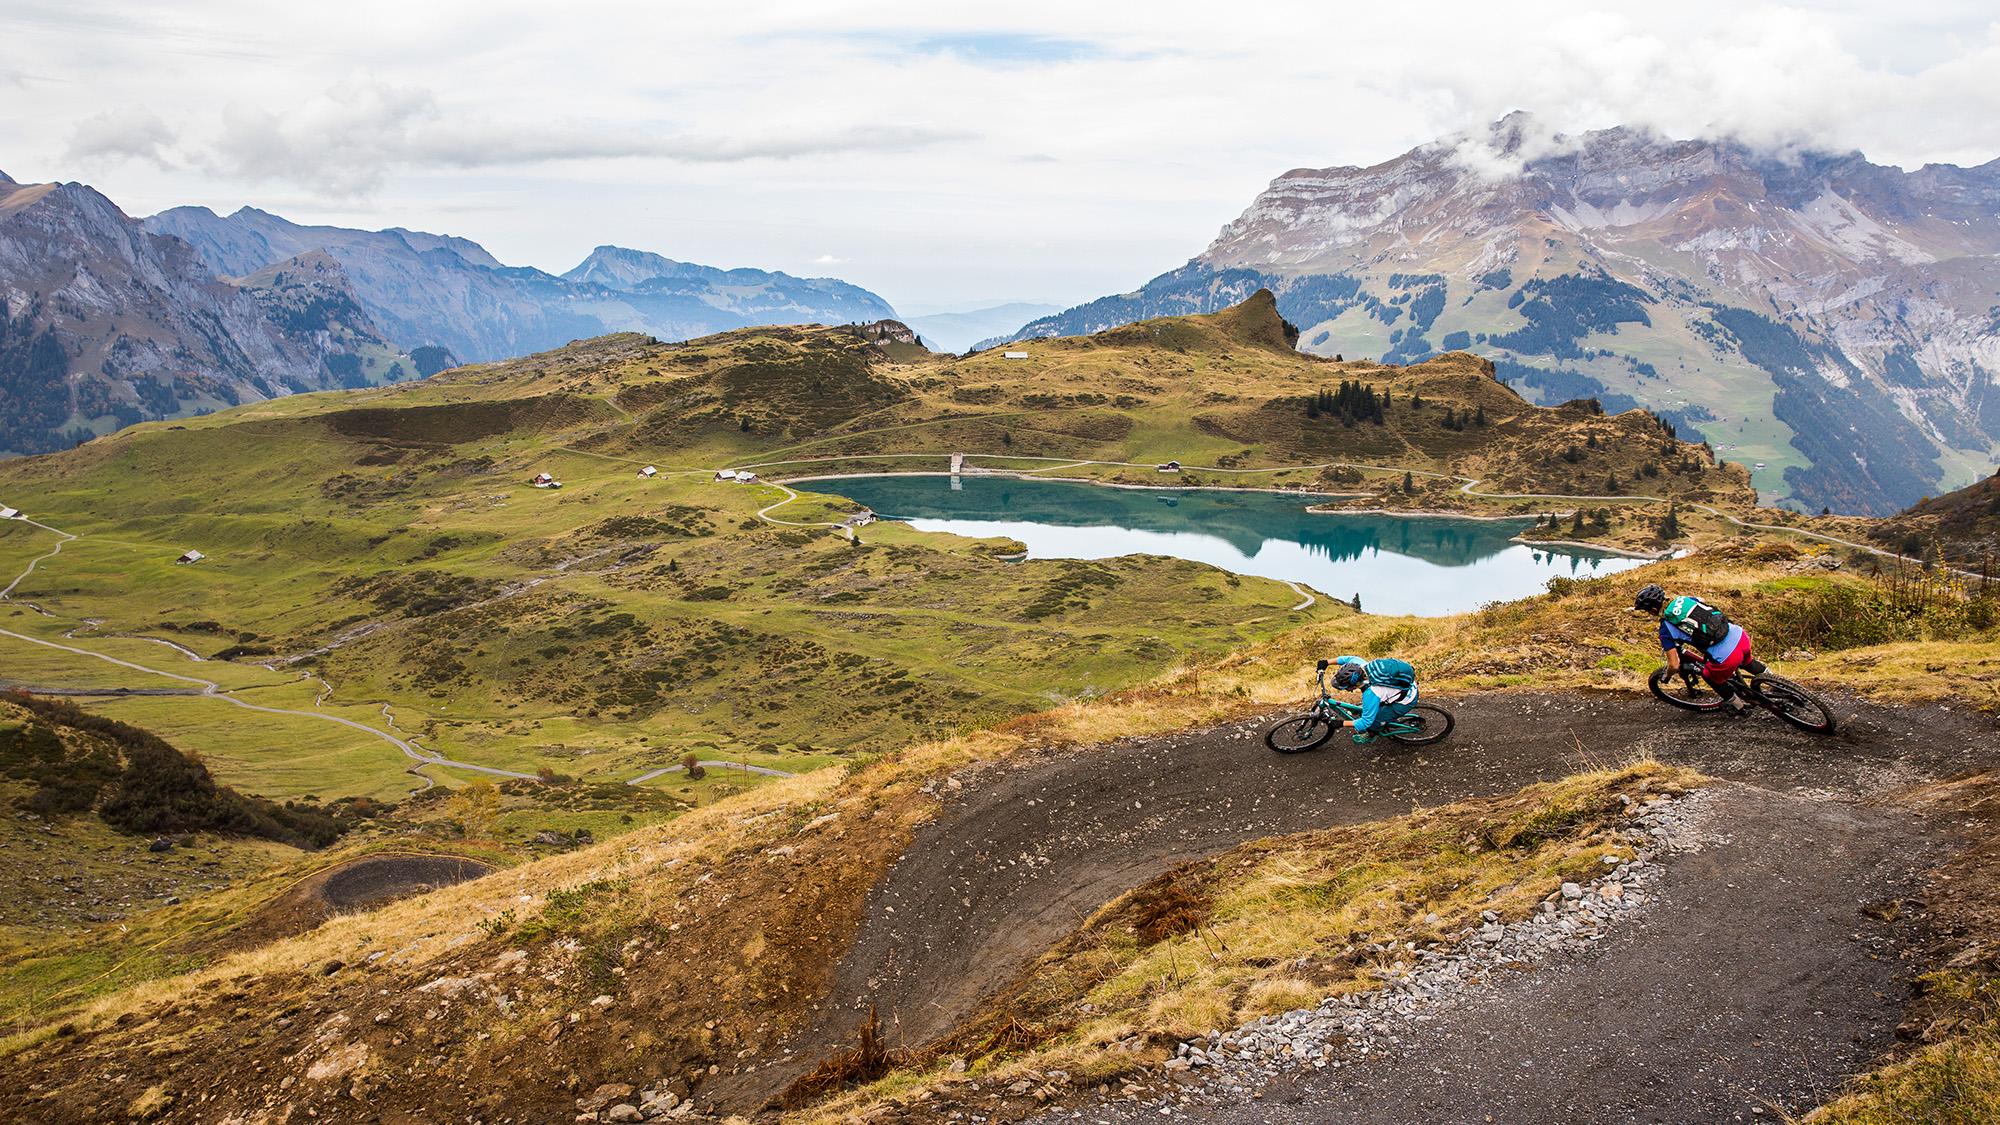 Klettersteig Jochpass : Jochpass trail